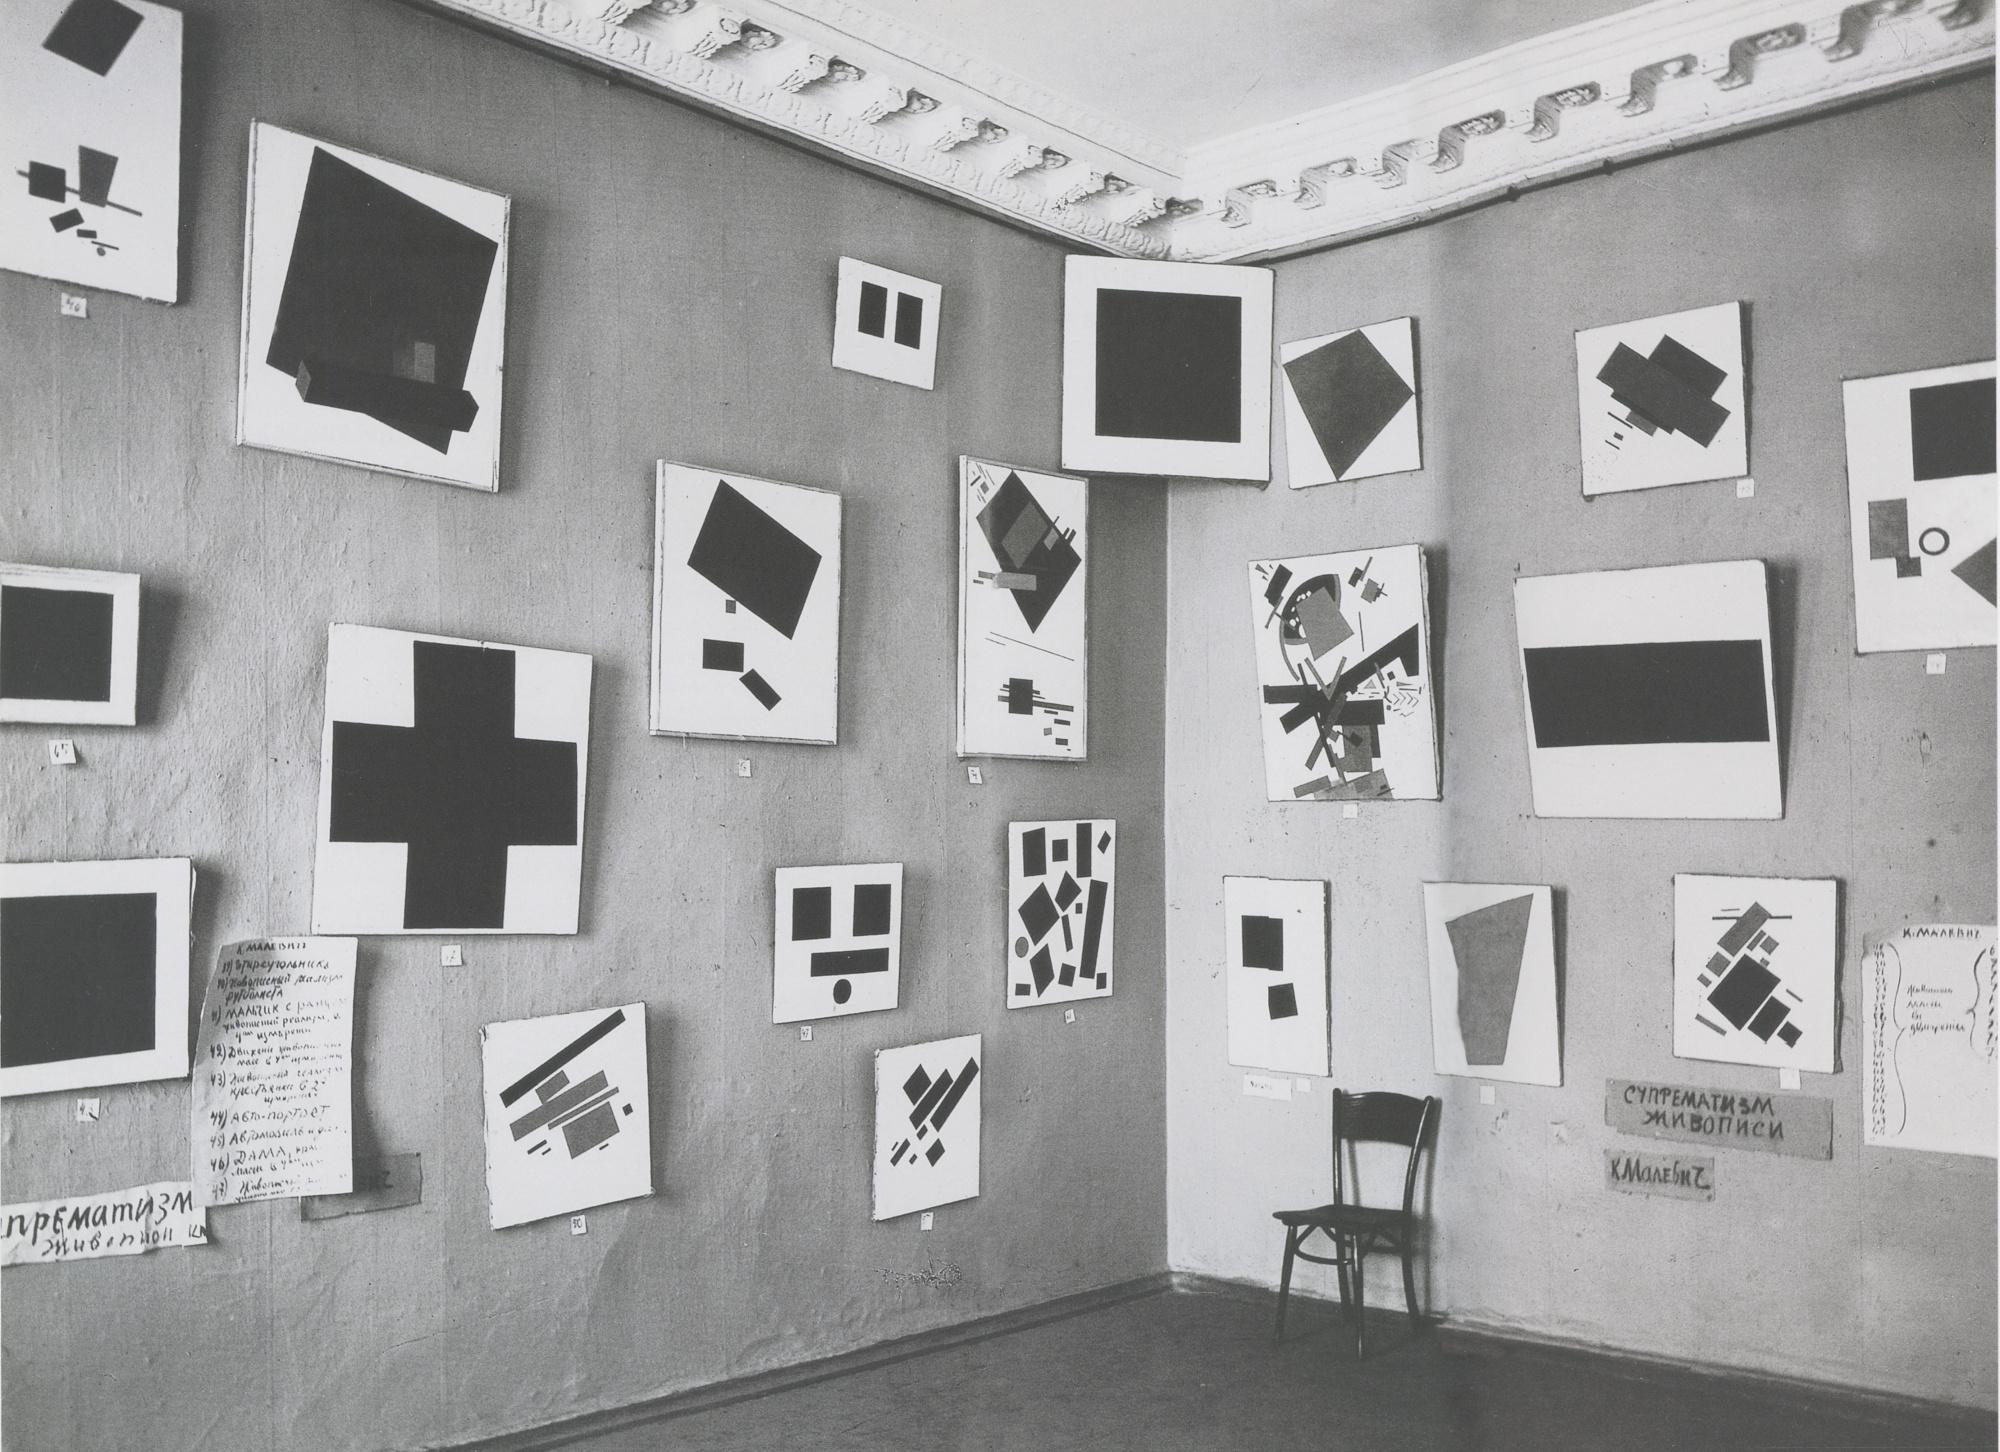 Malevics Fekete négyzete az 1915-ös kiállításon, fent a sarokban, akár egy orosz ikon (fotó: Wikipedia)